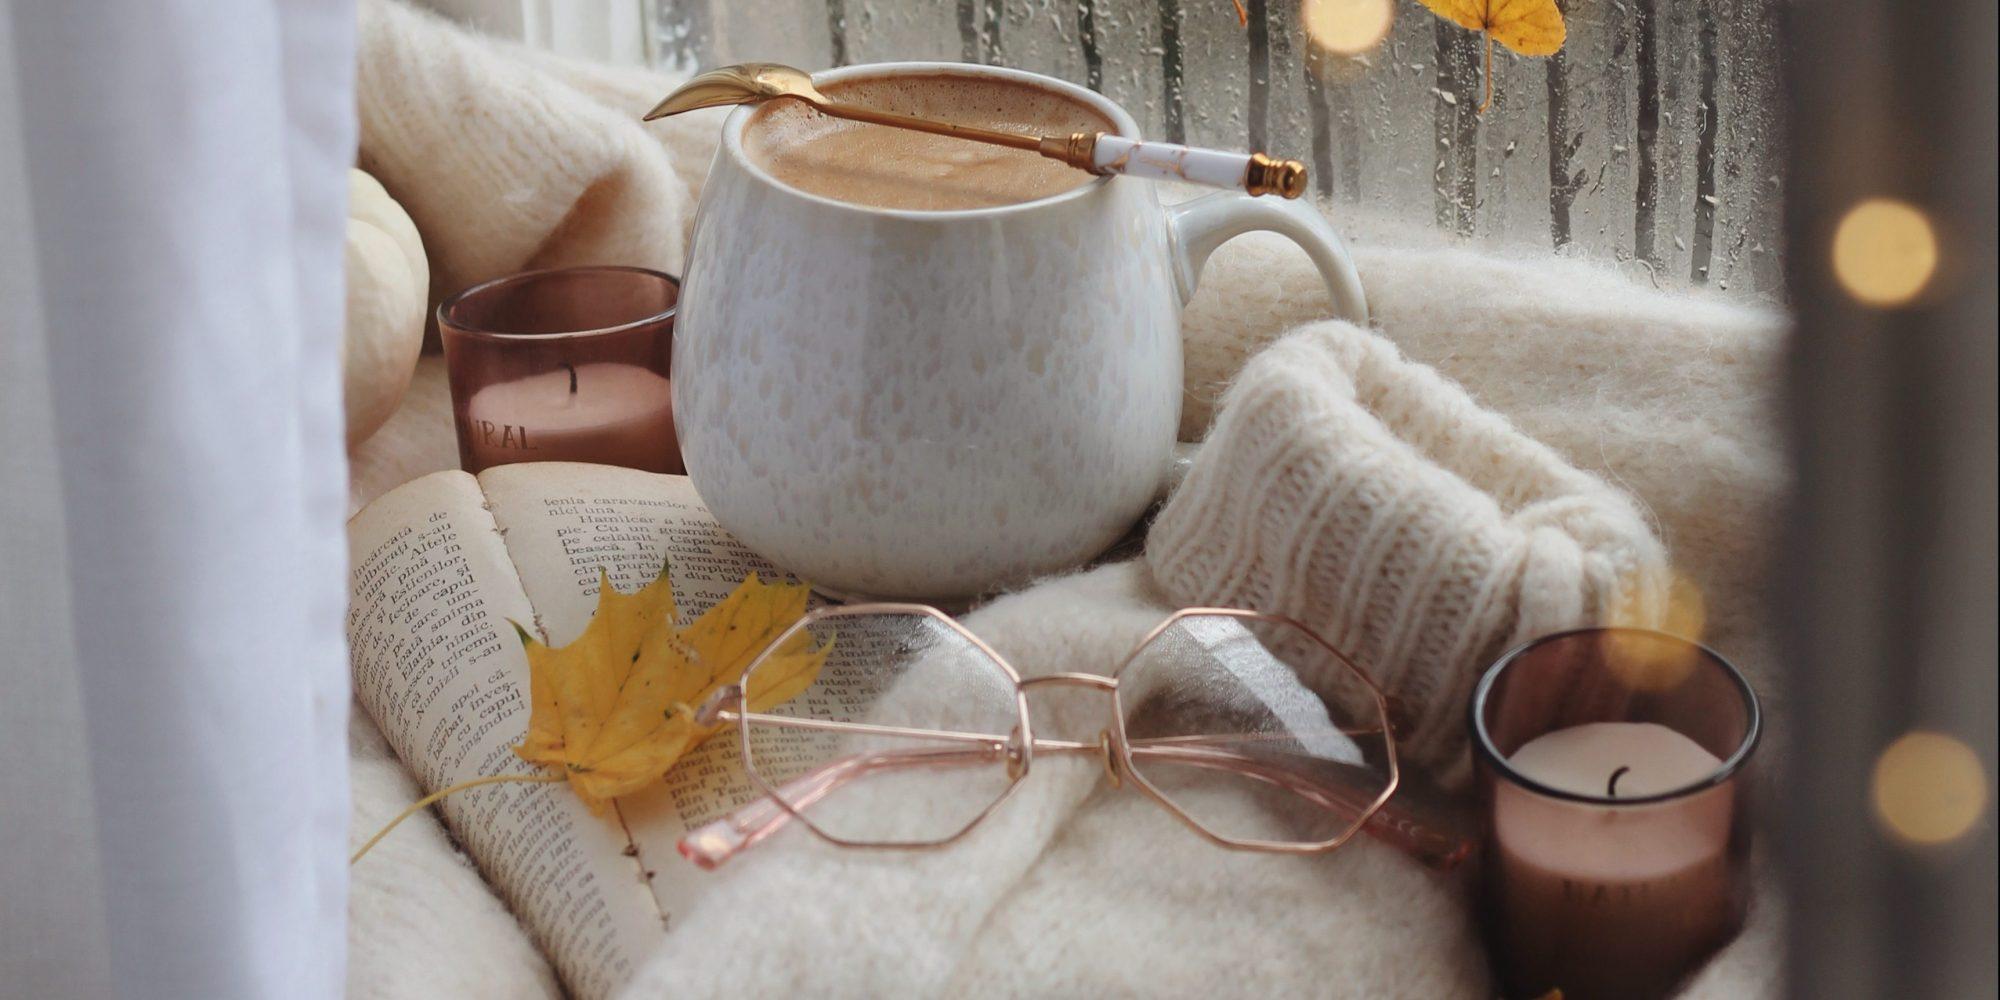 6 scented candles για να χαρίσεις στο σπίτι σου χουχουλιάρικη, φθινοπωρινή ατμόσφαιρα Oλοκλήρωστε το πιο cozy σκηνικό με ένα (και παραπάνω δεν κρίνουμε) αρωματικό κερί.